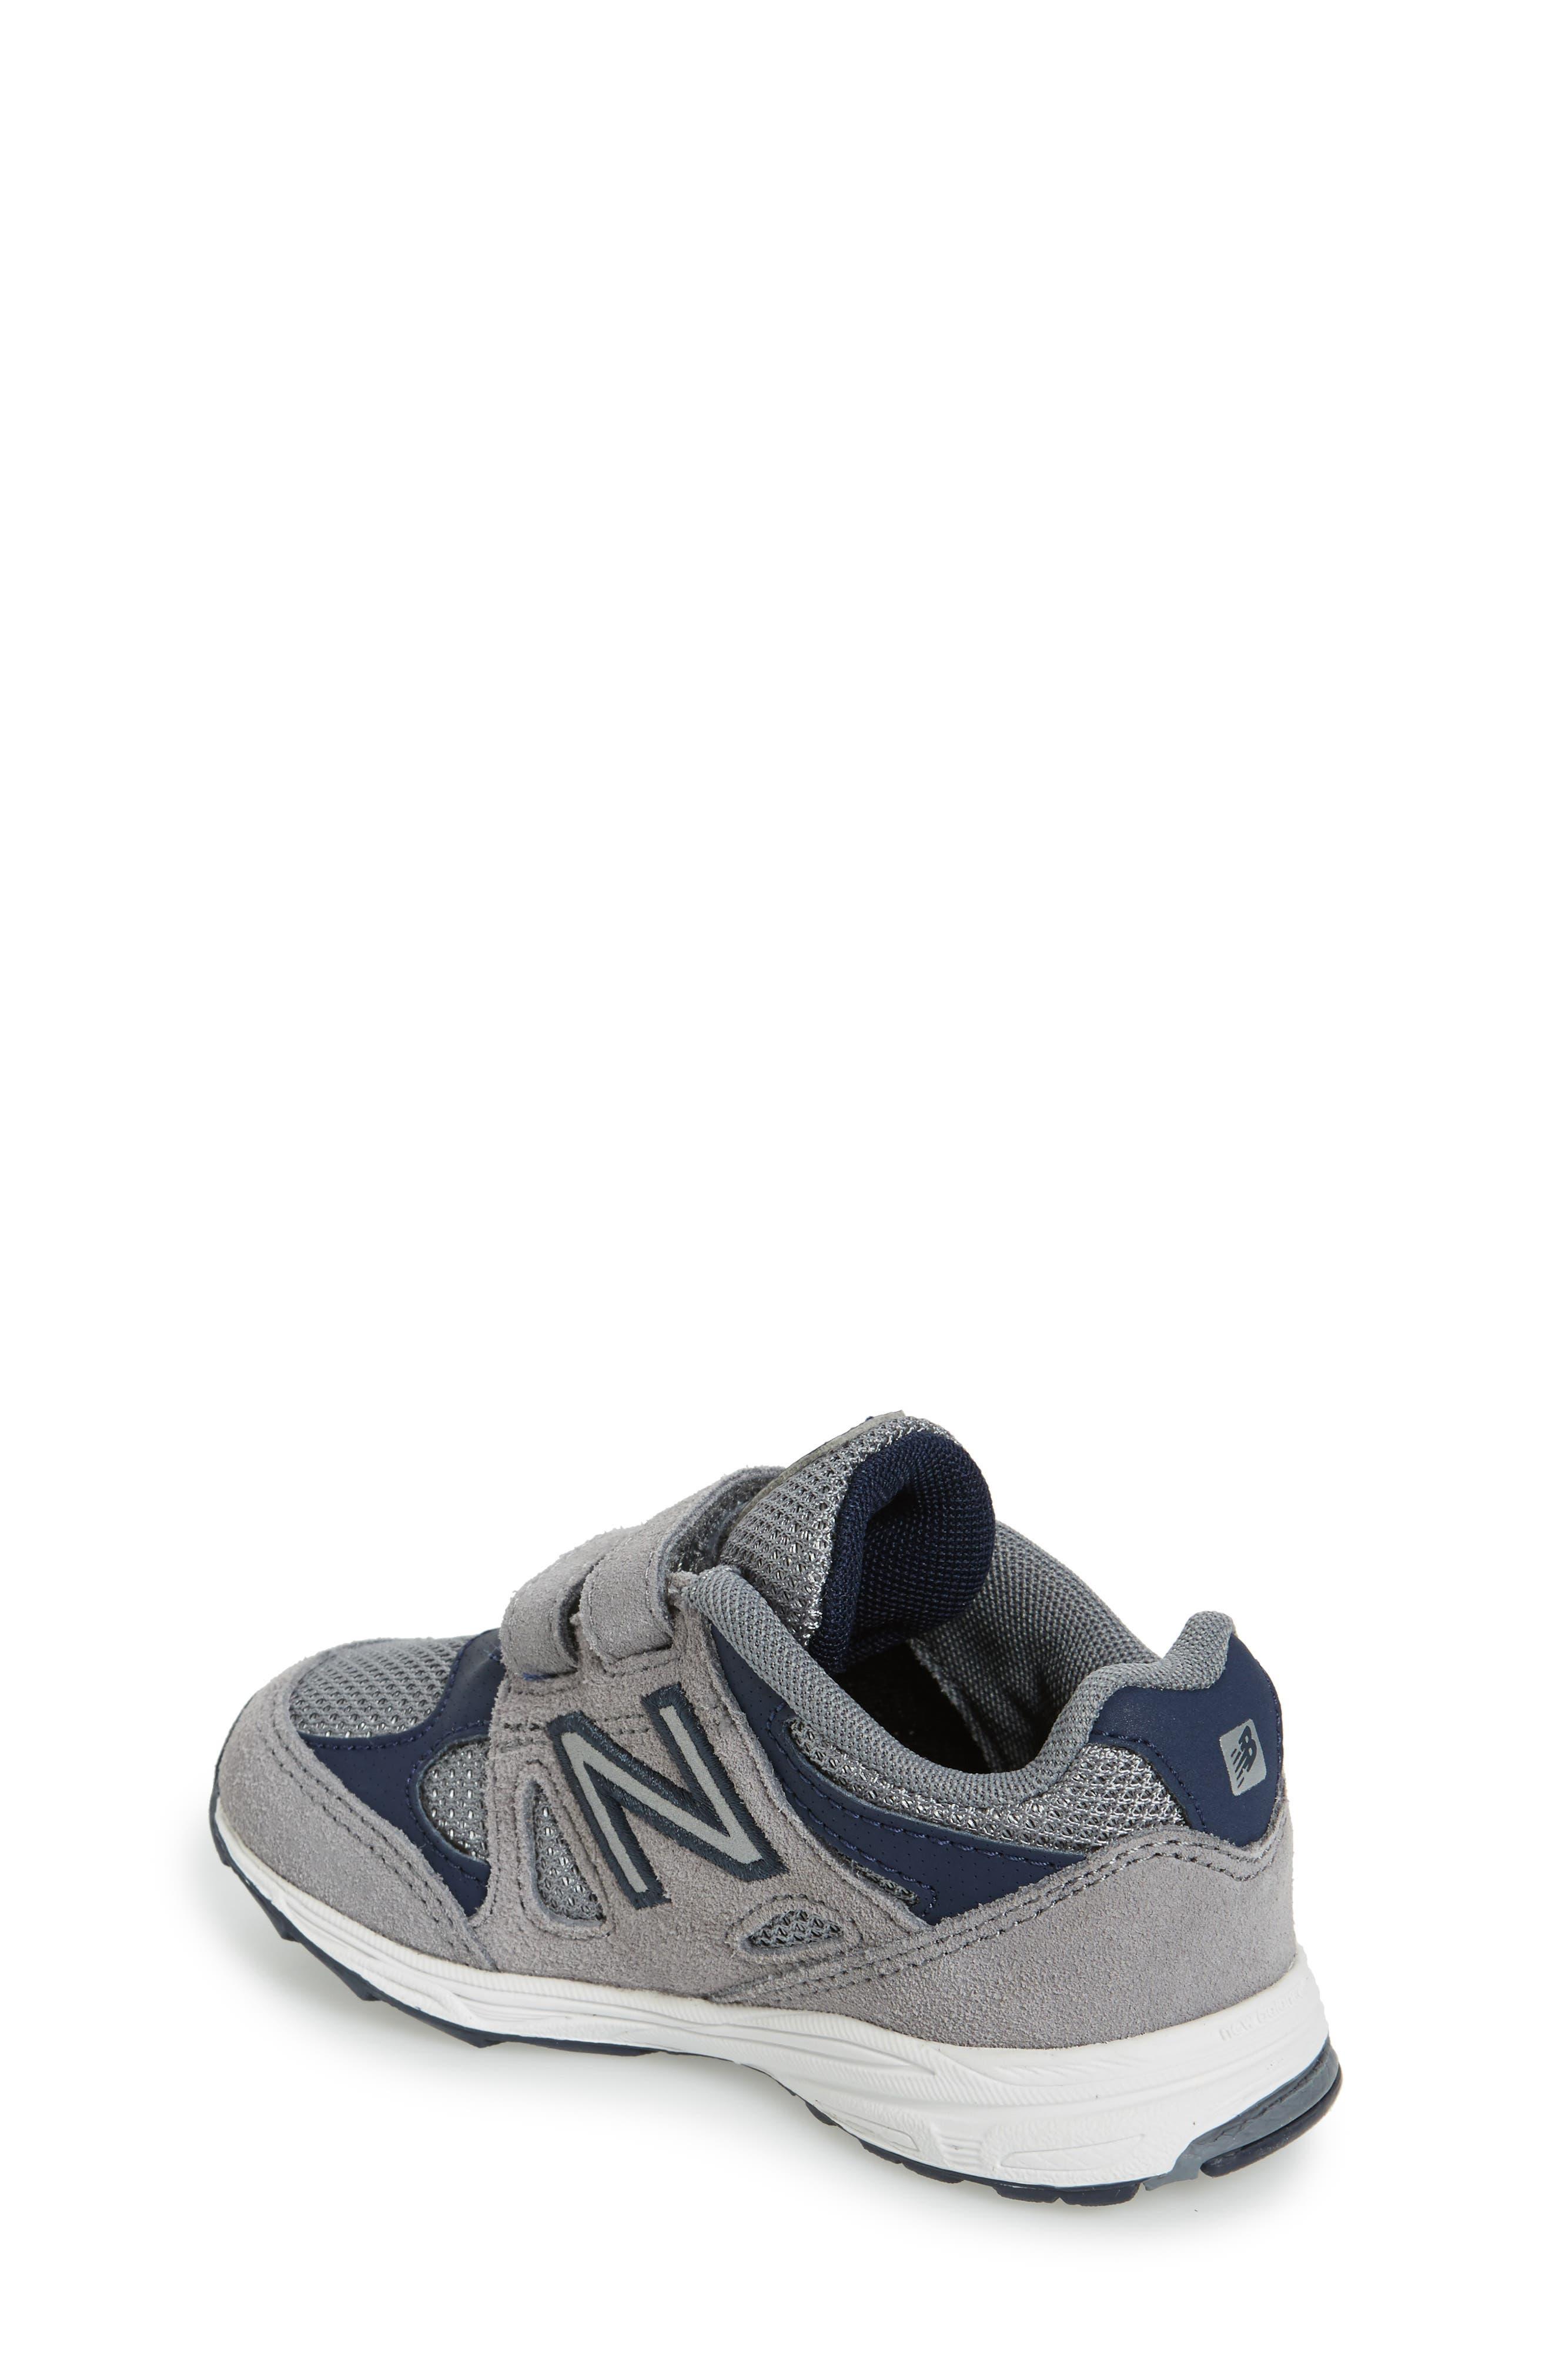 Alternate Image 2  - New Balance 888 Sneaker (Baby, Walker, Toddler & Little Kid)